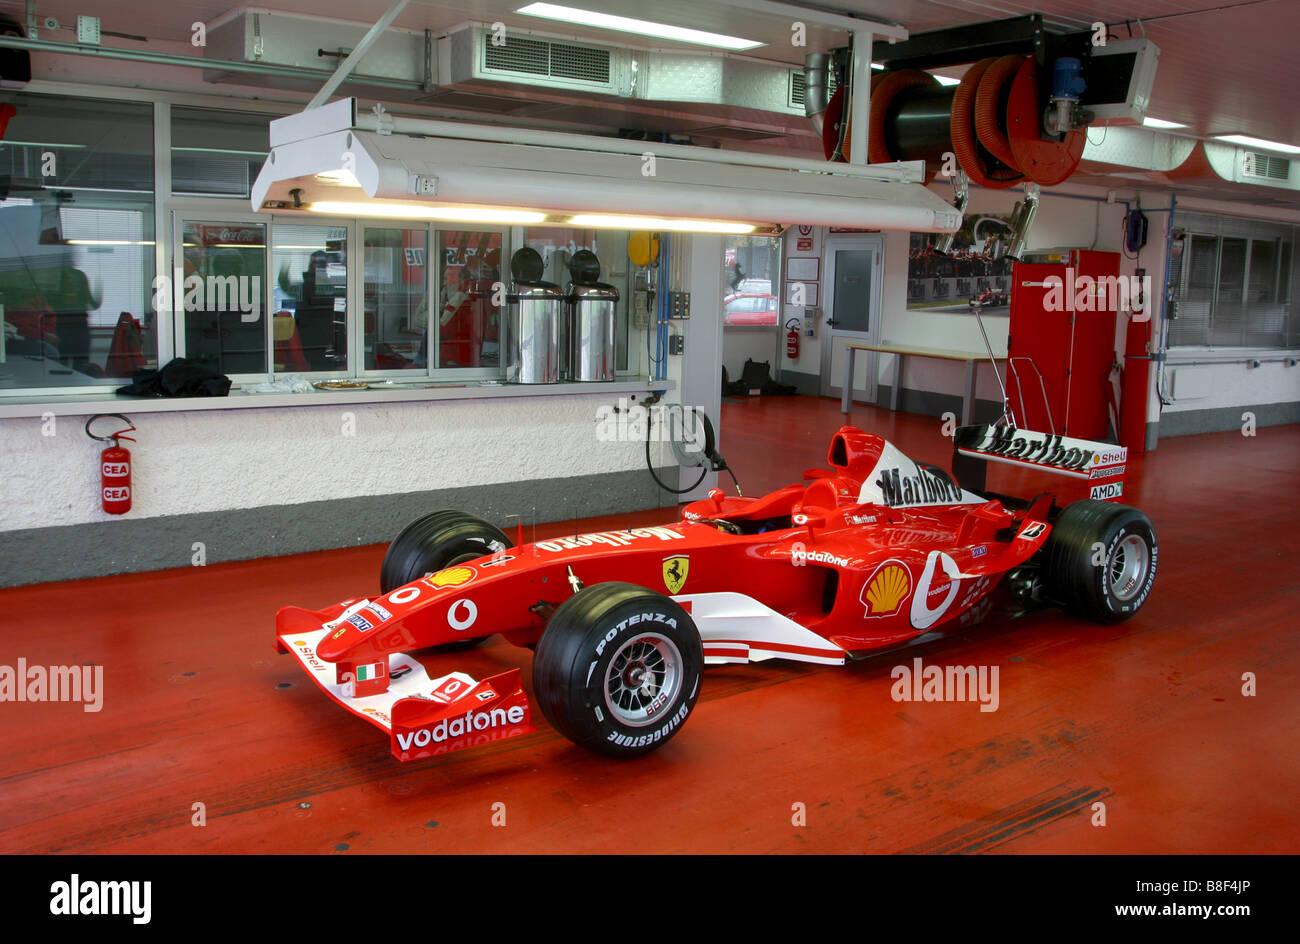 Schumacher S F1 Ferrari In The Fiorano Fire Station   Stock Image